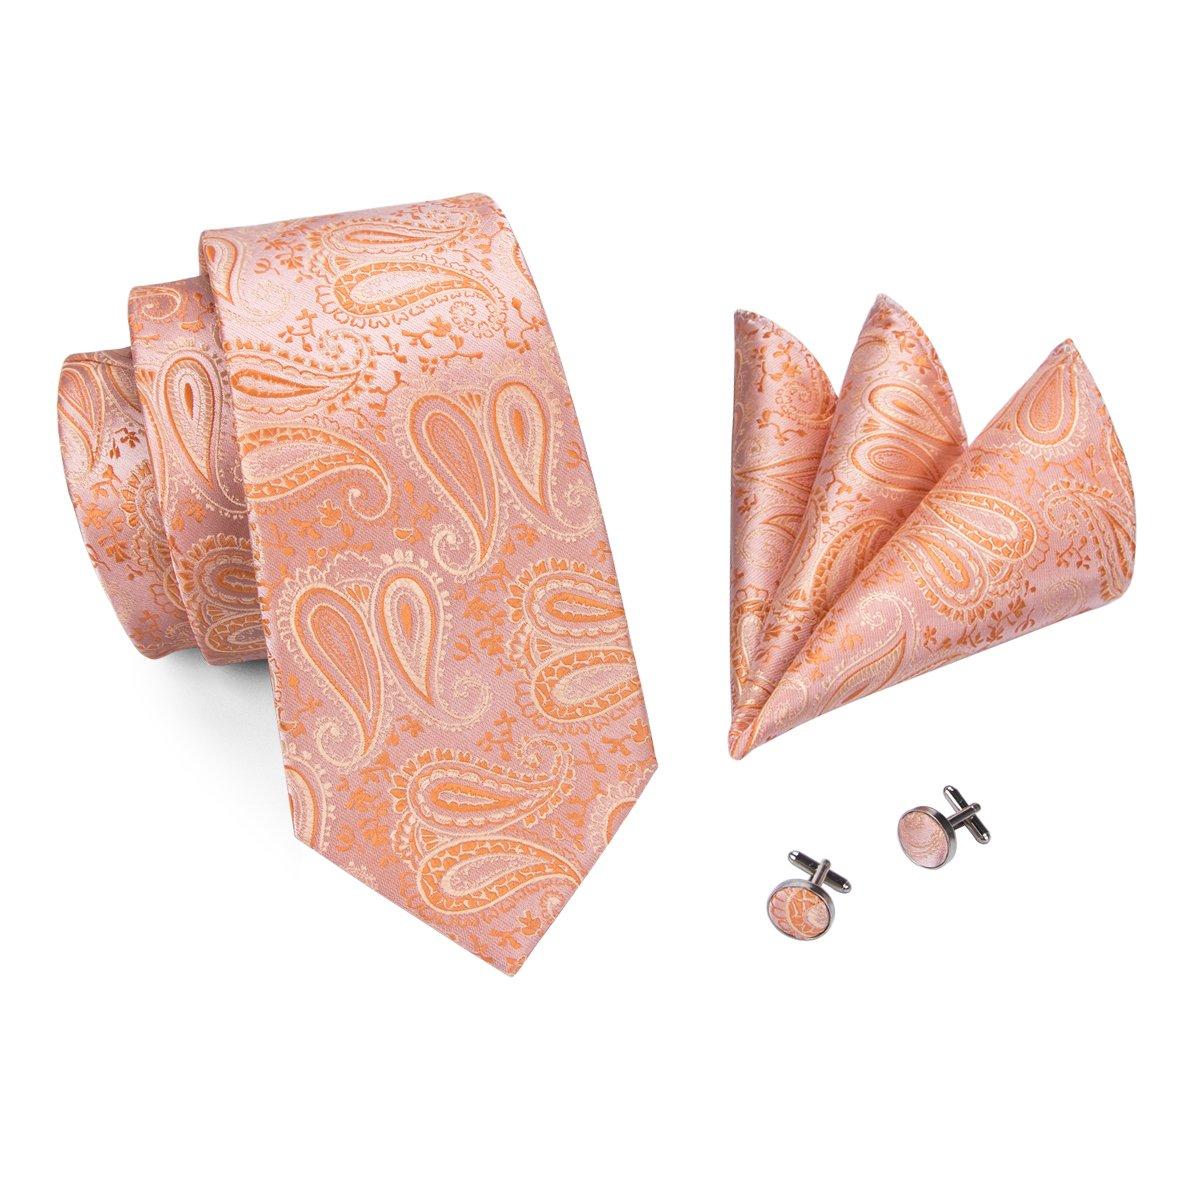 CAOFENVOO Hombres de Paisley de seda tejida corbata Tie Hankerchief Gemelos